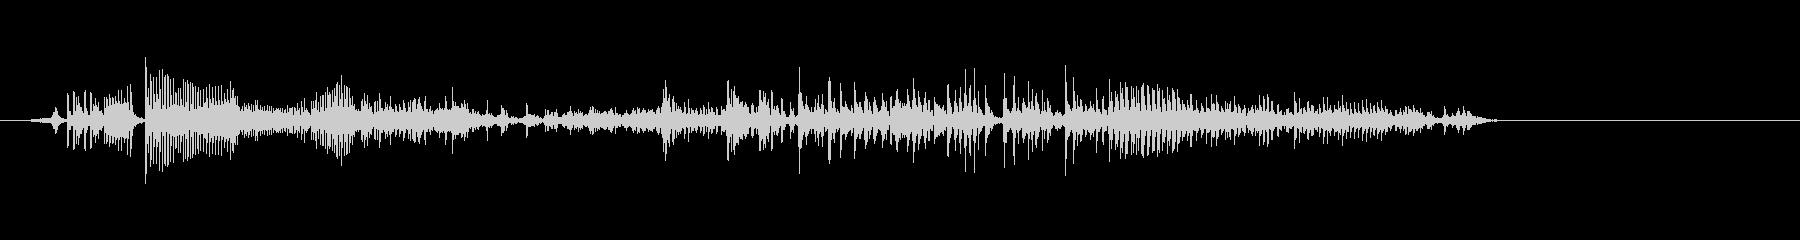 アンティーク1930年代ブレッドボ...の未再生の波形